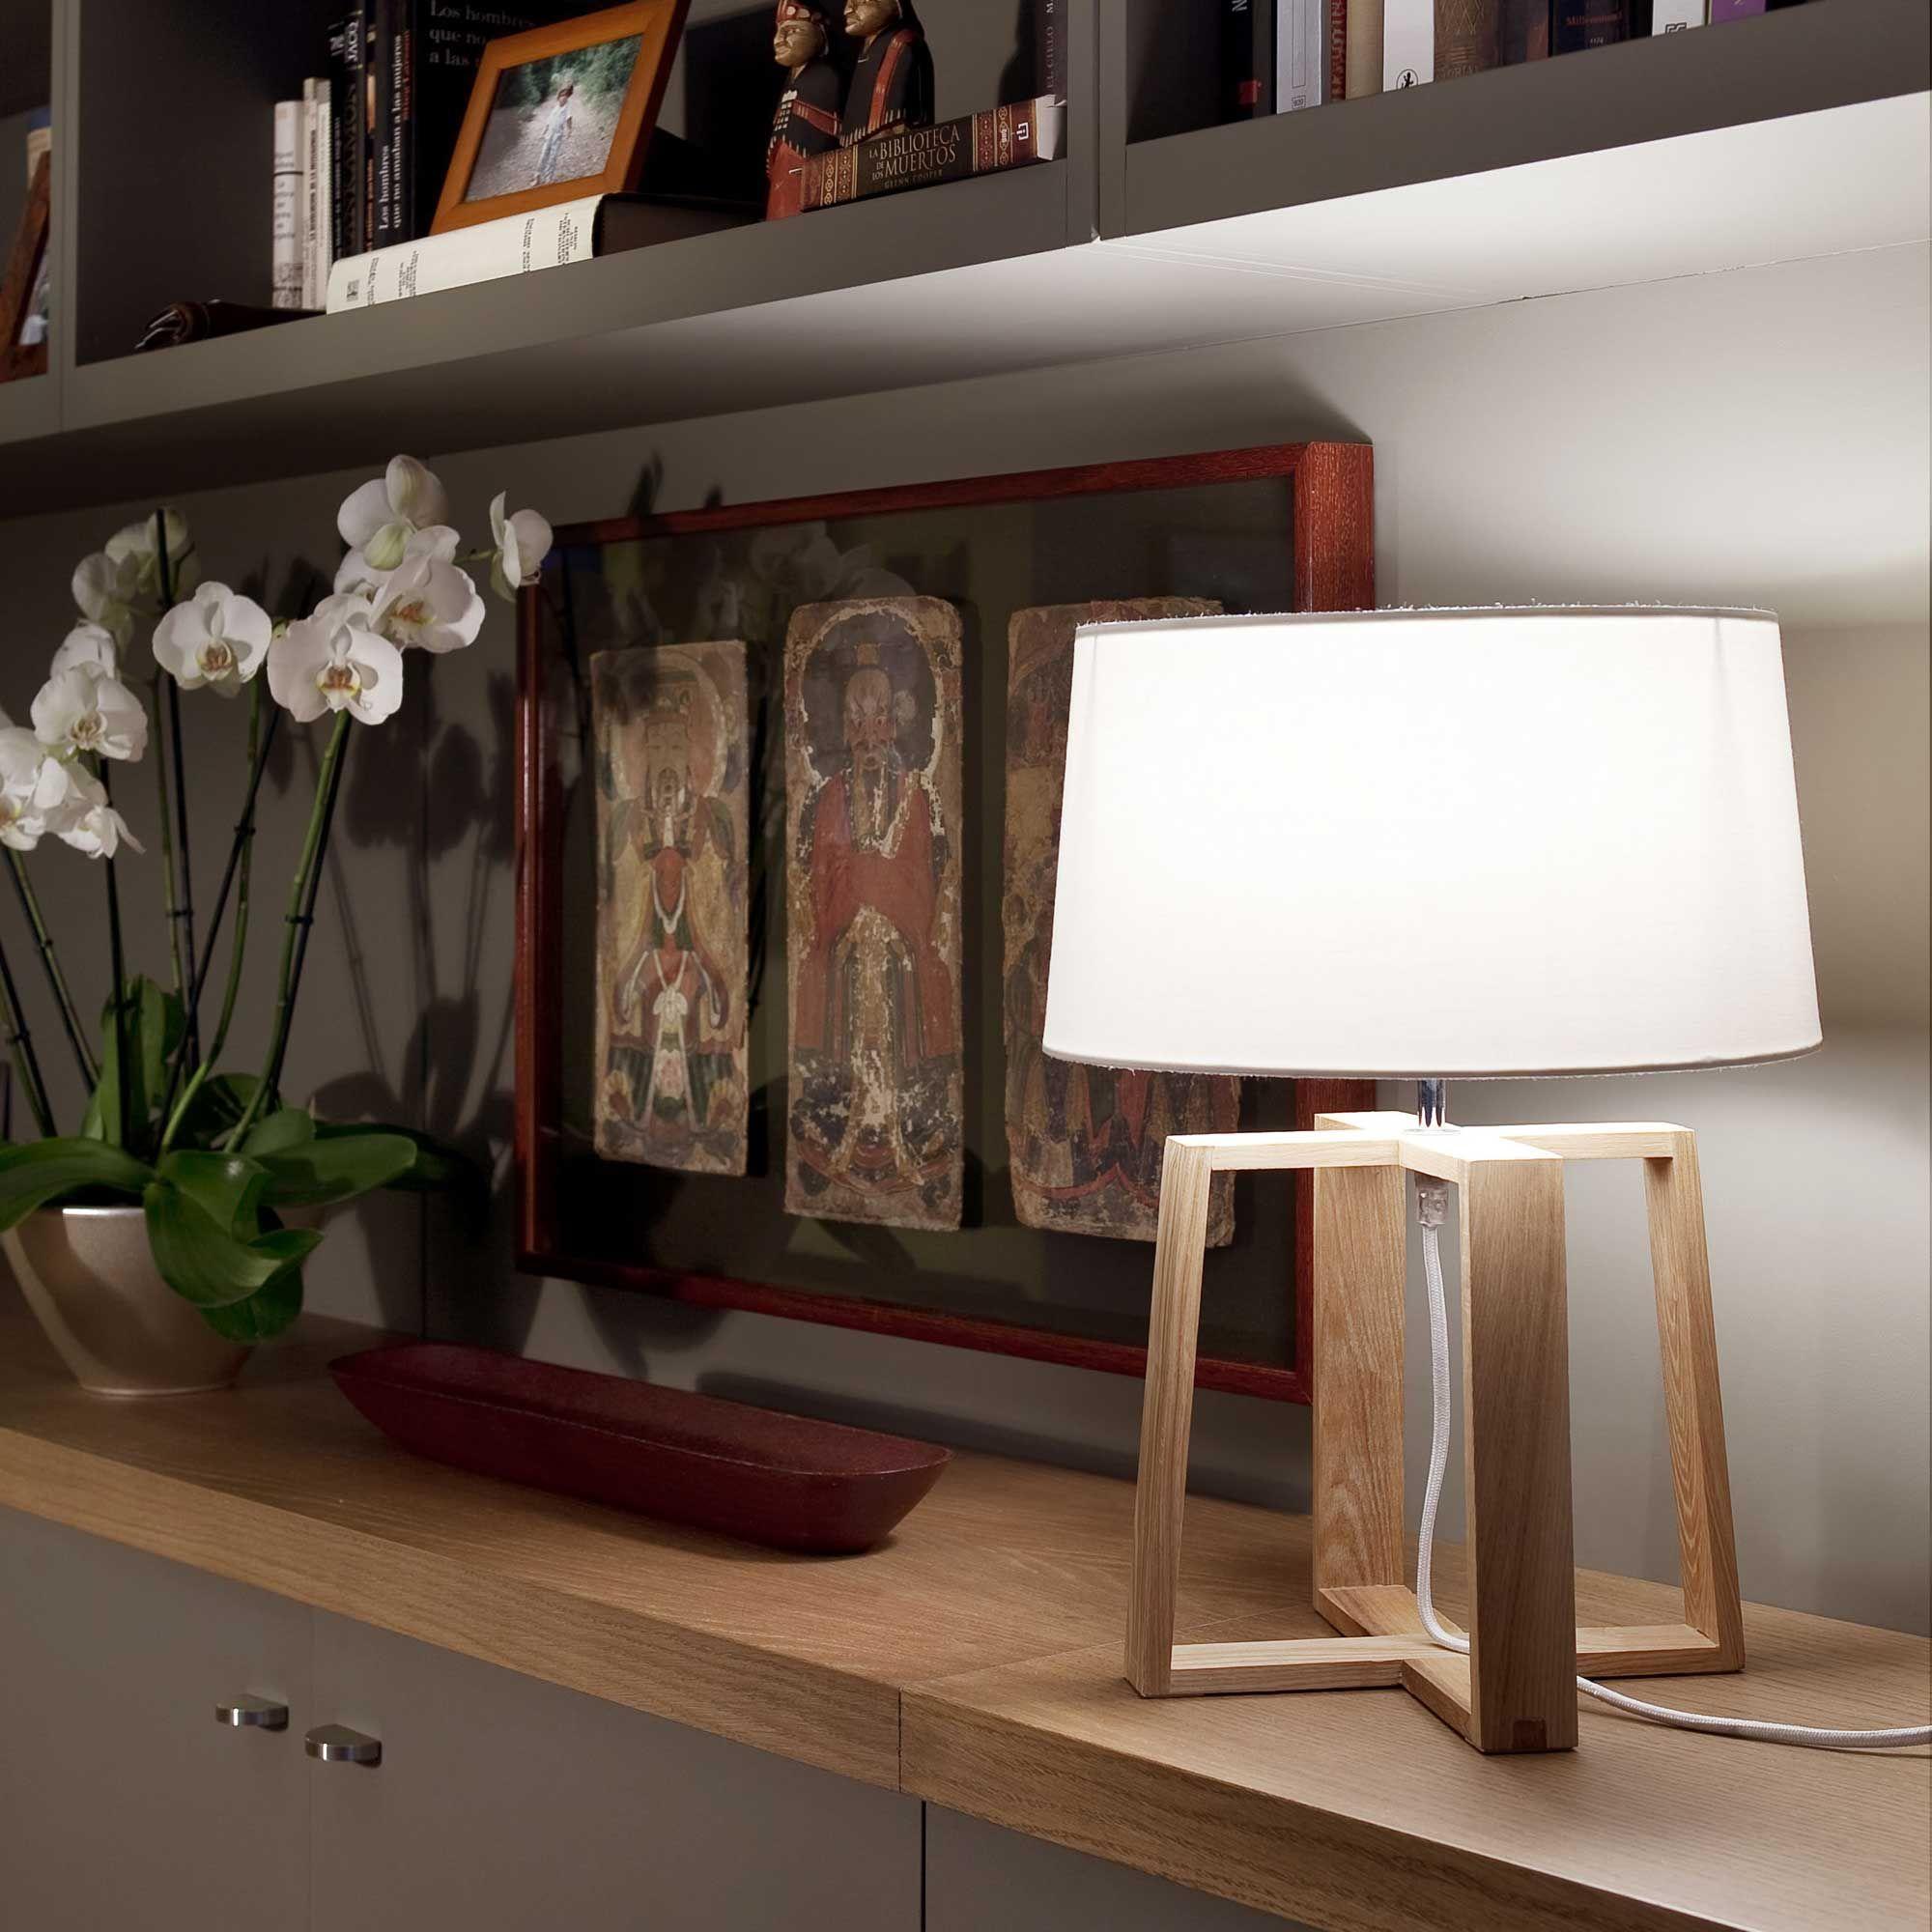 Lampe En Bois Et Abat Jour Textile Blanc Hauteur 45 Cm Bliss Faro Lampe Bois Decoration Classique Lampe De Table Blanche